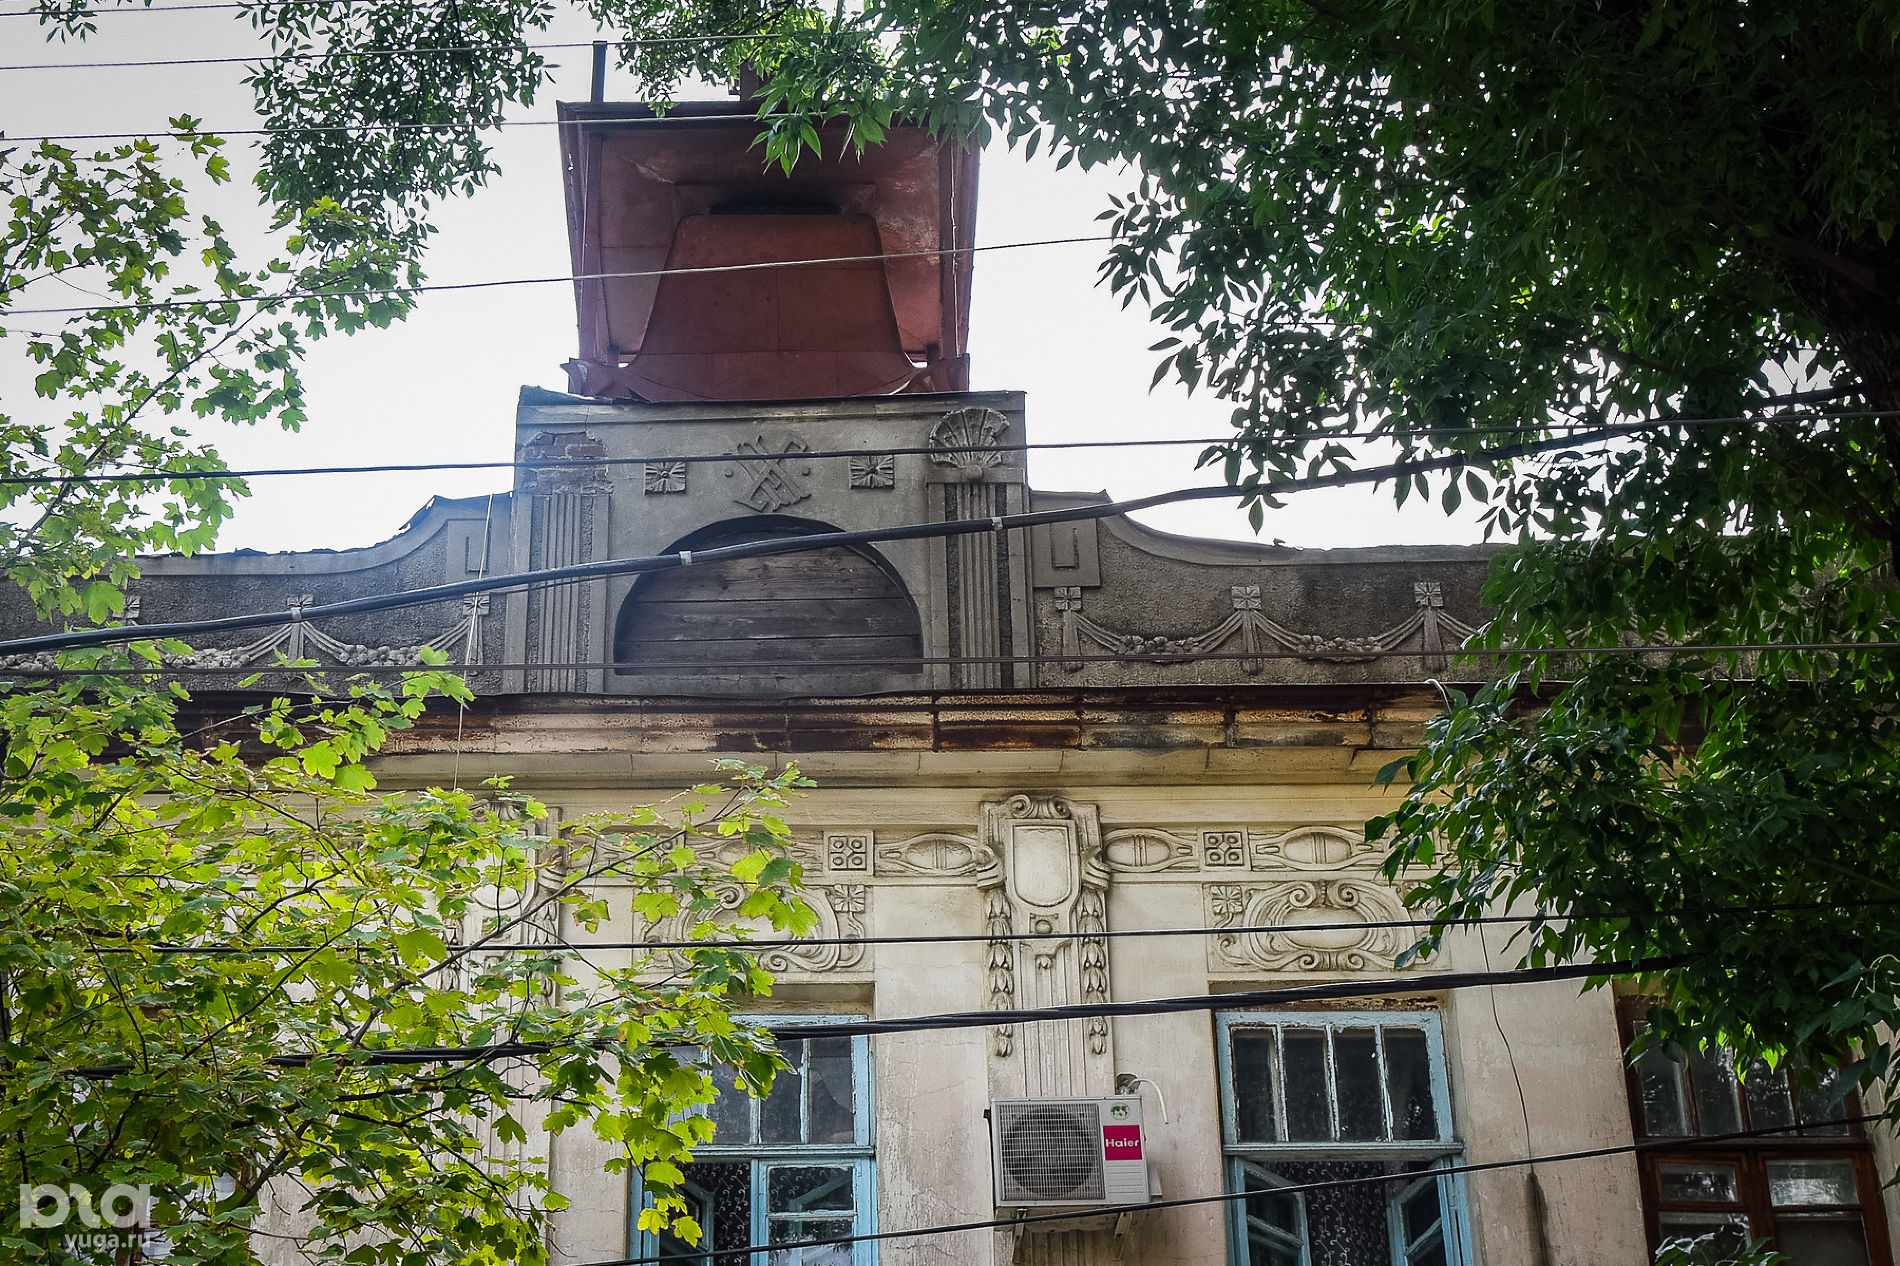 Коммунаров, 140. Дом жилой, начало XX в. ©Фото Елены Синеок, Юга.ру